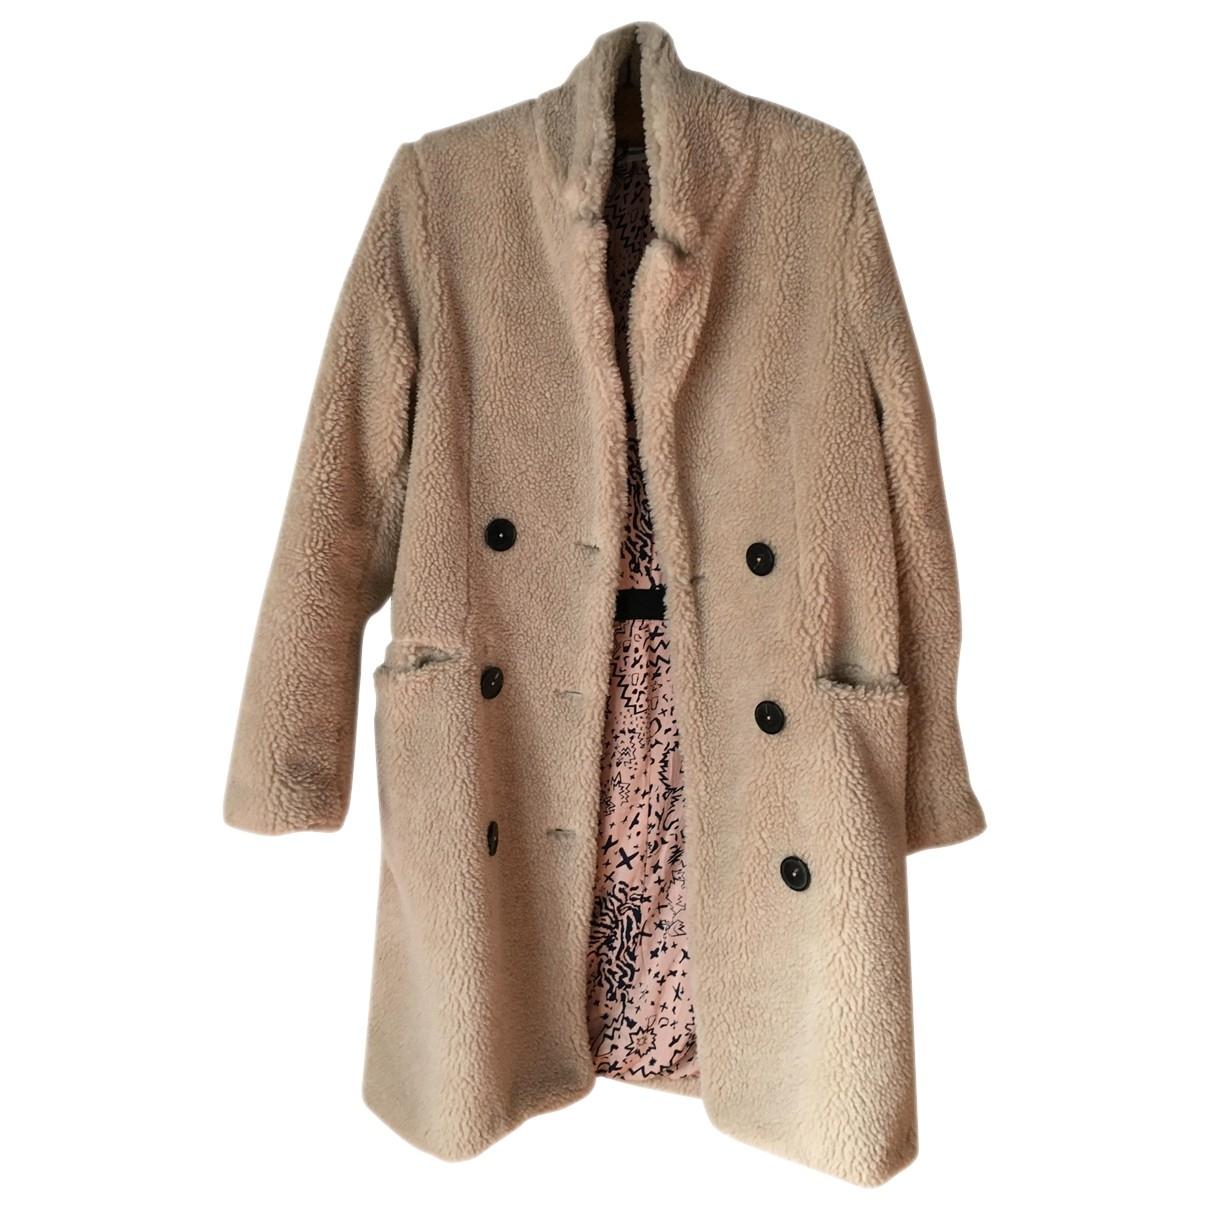 Zadig & Voltaire \N Beige coat for Women 36 FR